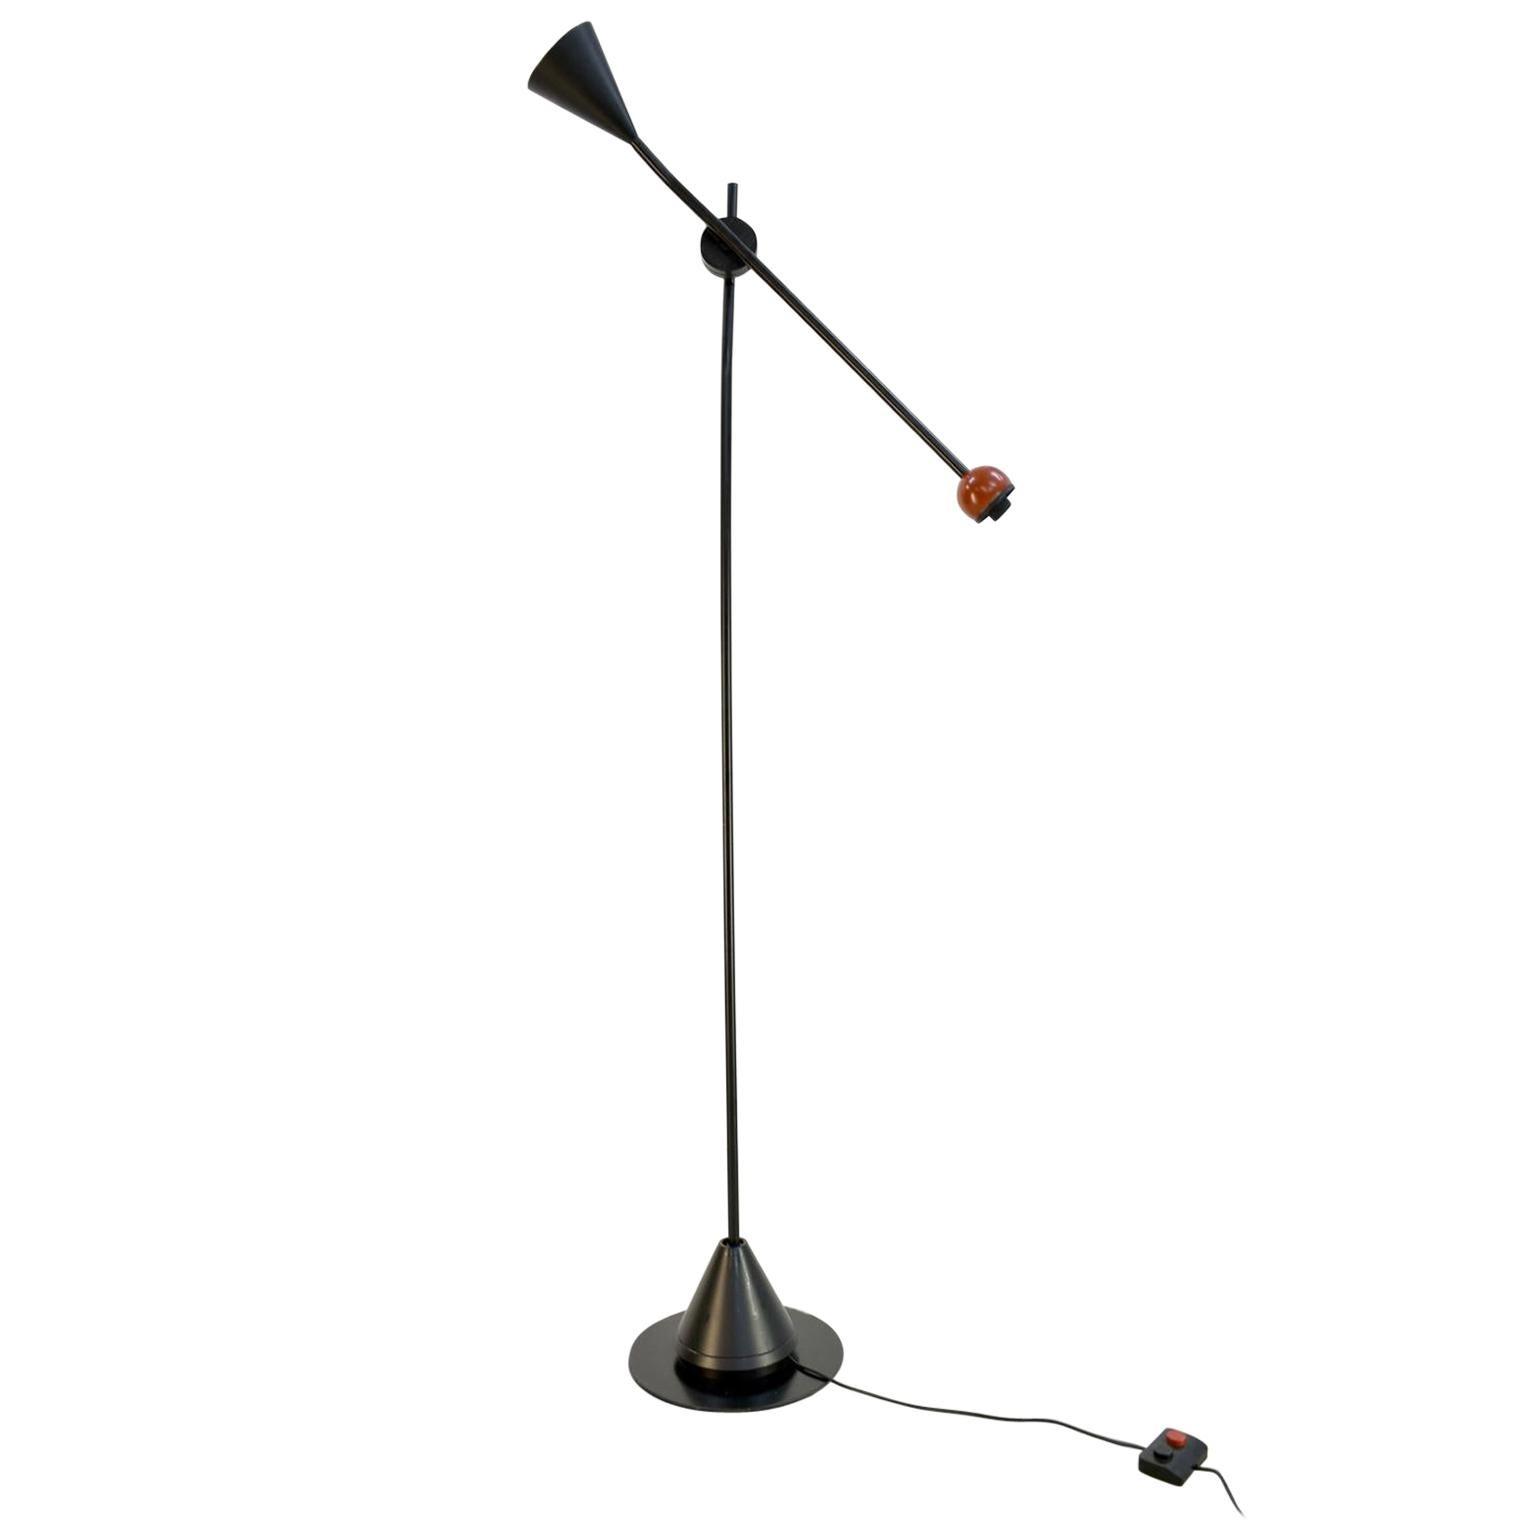 Postmodern Floor Lamp 'Ettore' by Ernesto Gizmondi for Artemide, Italy, 1980s